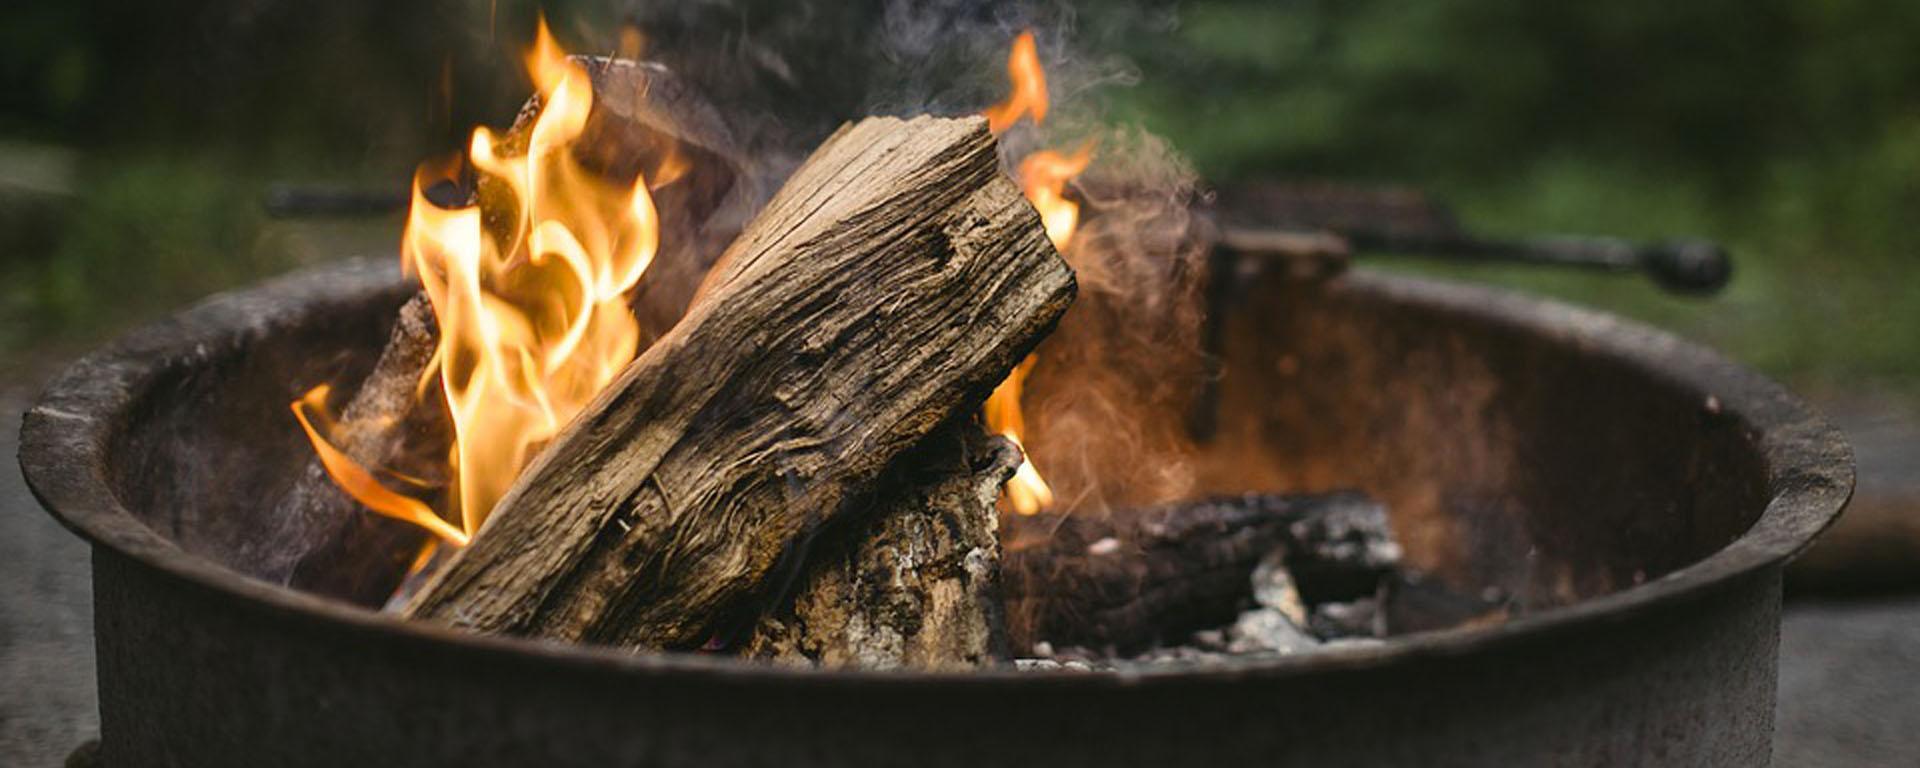 A bonfire pit